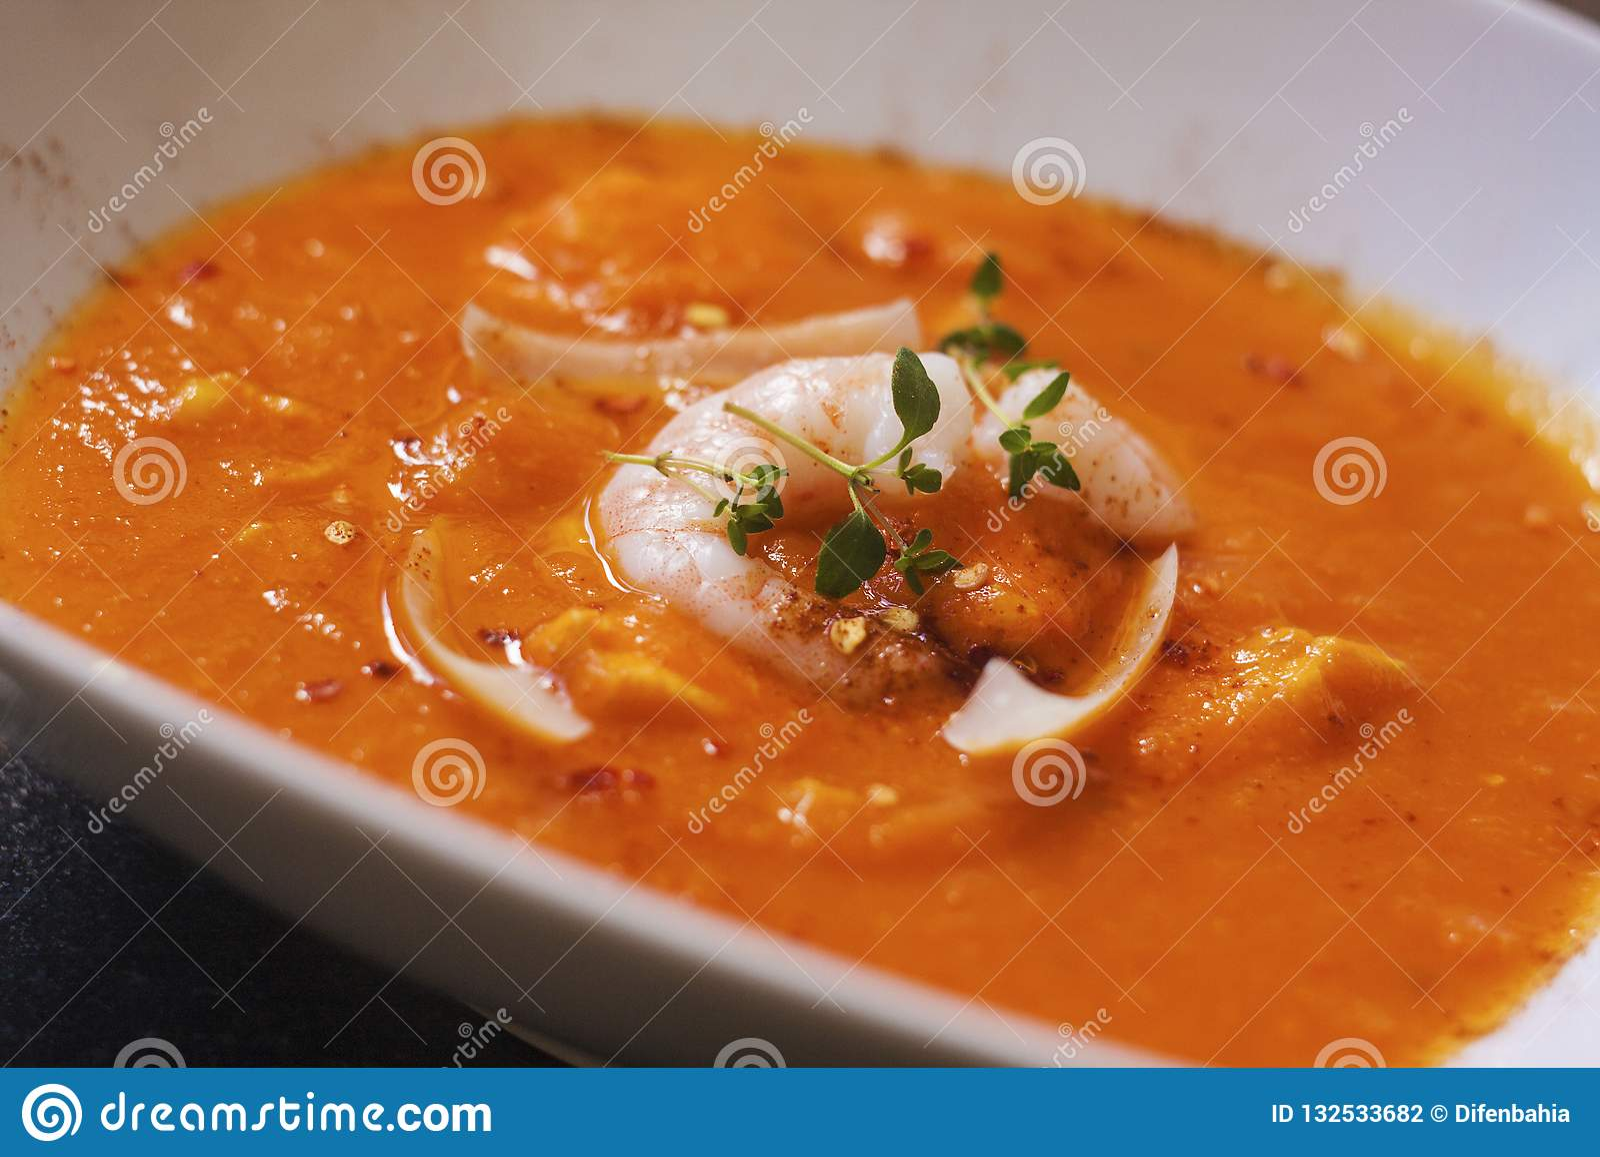 Bouillabaisse soup. Delicious fish soup with shimps, fish fillet and vegetables